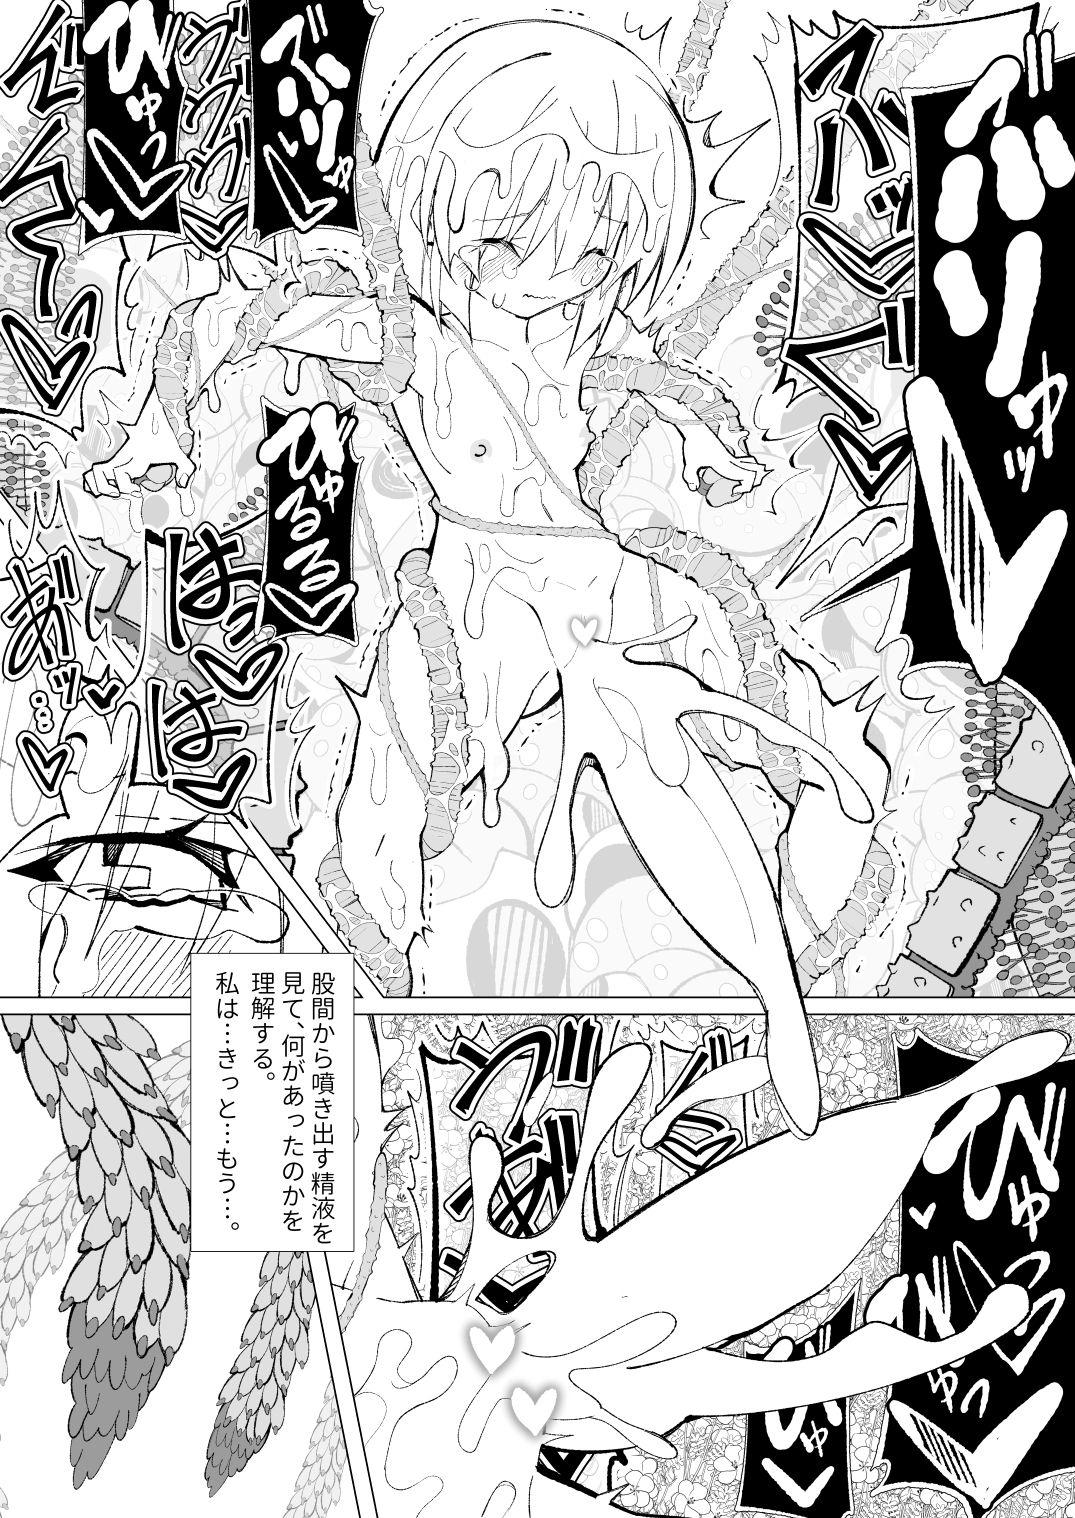 Ishu kan fūzoku-gai3 shokubutsu shokushu × rori 60